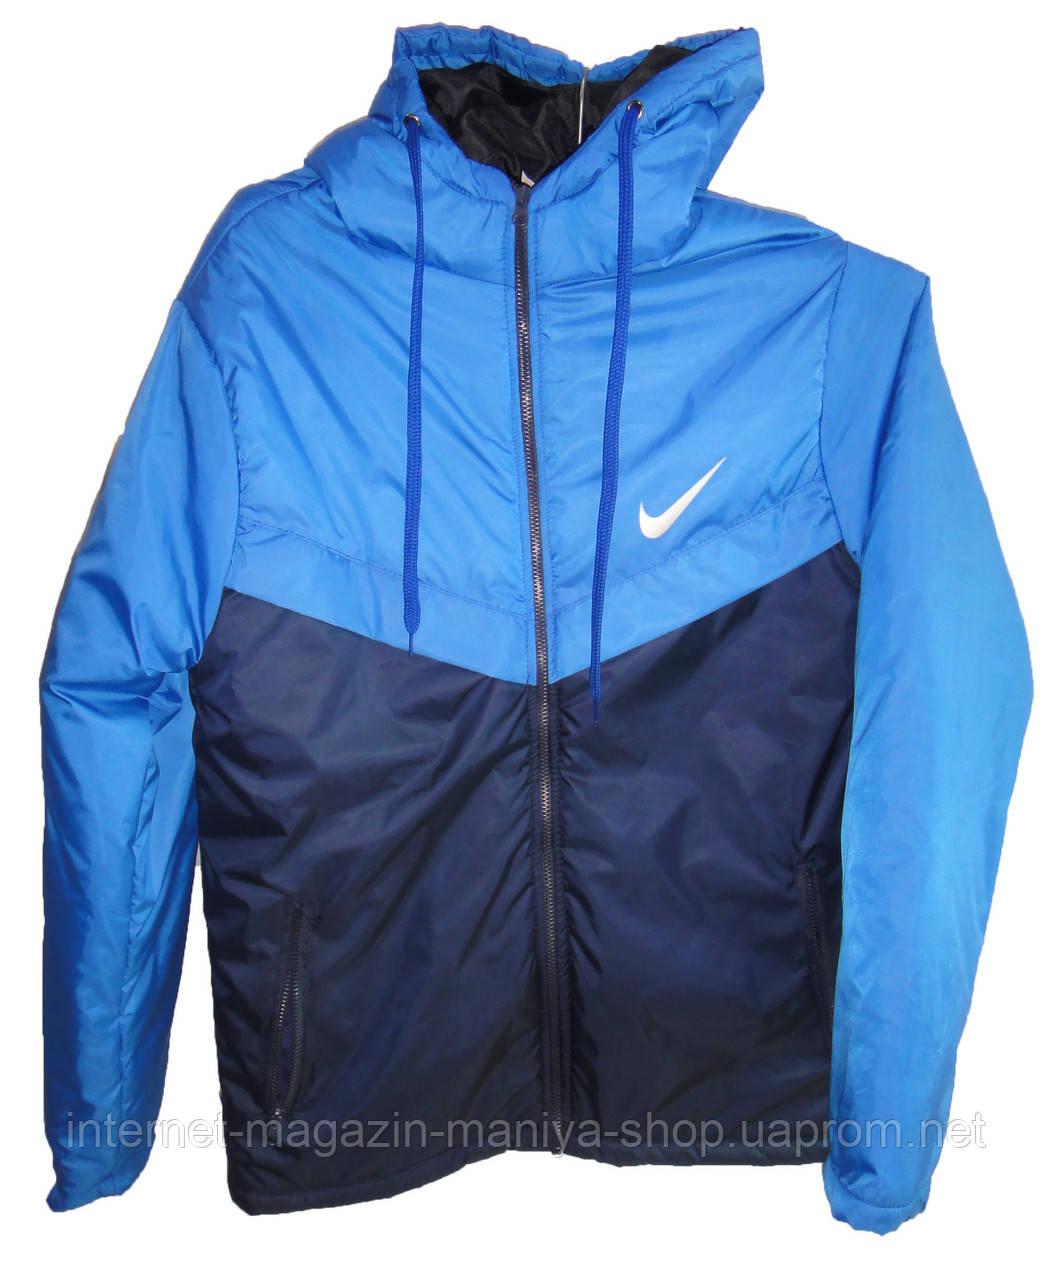 b8f7c1e6 Куртка мужская с капюшоном nike (деми) - купить по лучшей цене в ...